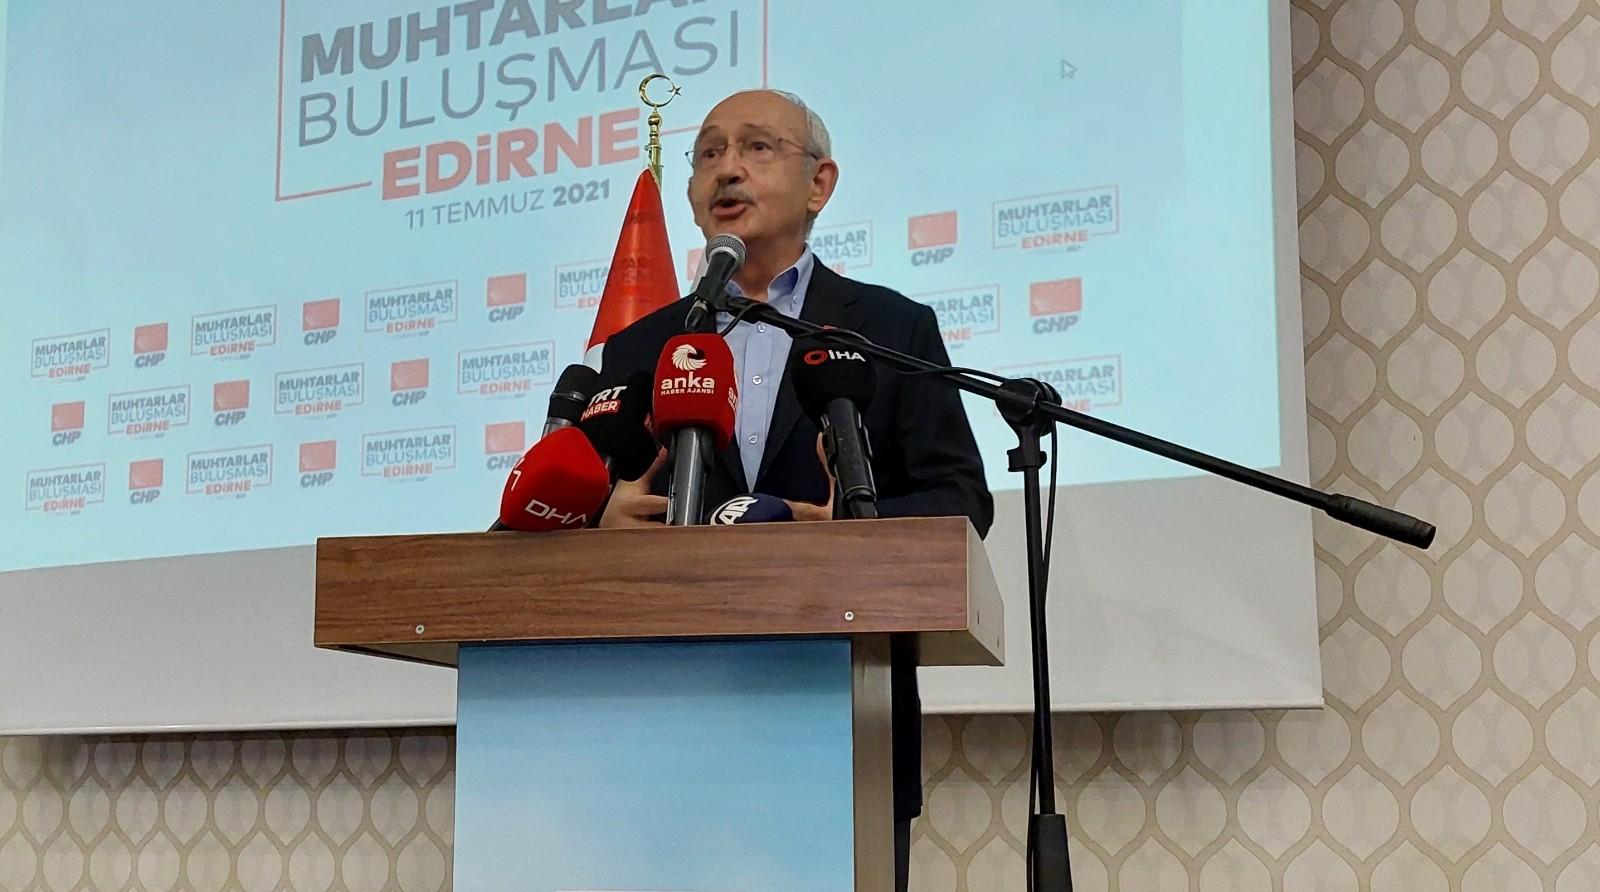 CHP Genel Başkanı Kılıçdaroğlu, muhtarlarla bir araya geldi